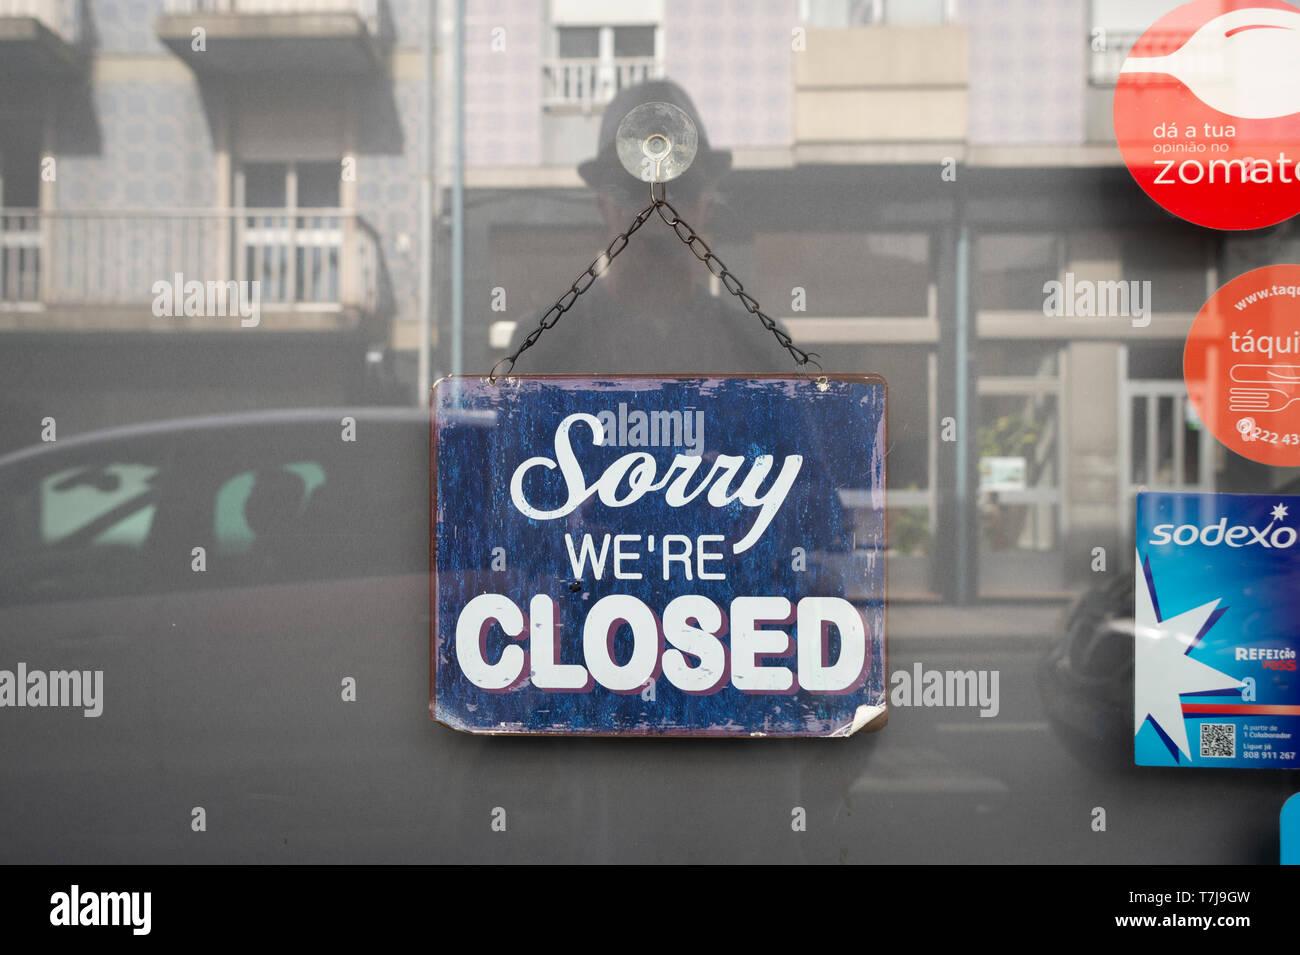 Désolés nous sommes signe clos sur une porte de boutique Photo Stock